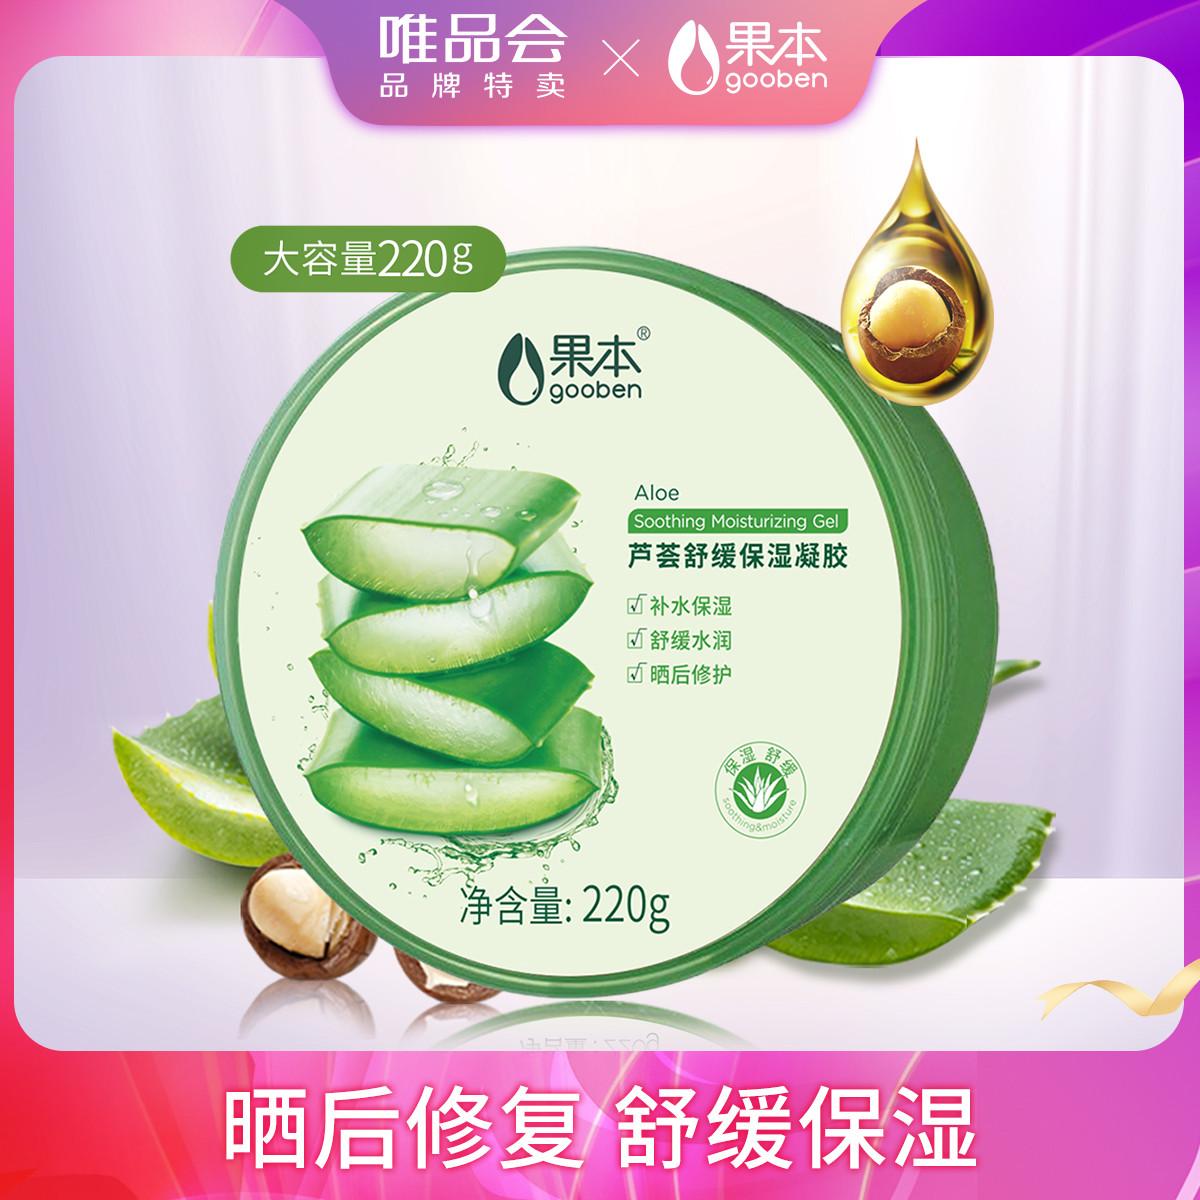 果本芦荟舒缓保湿凝胶220g 补水保湿芦荟胶修护护肤品